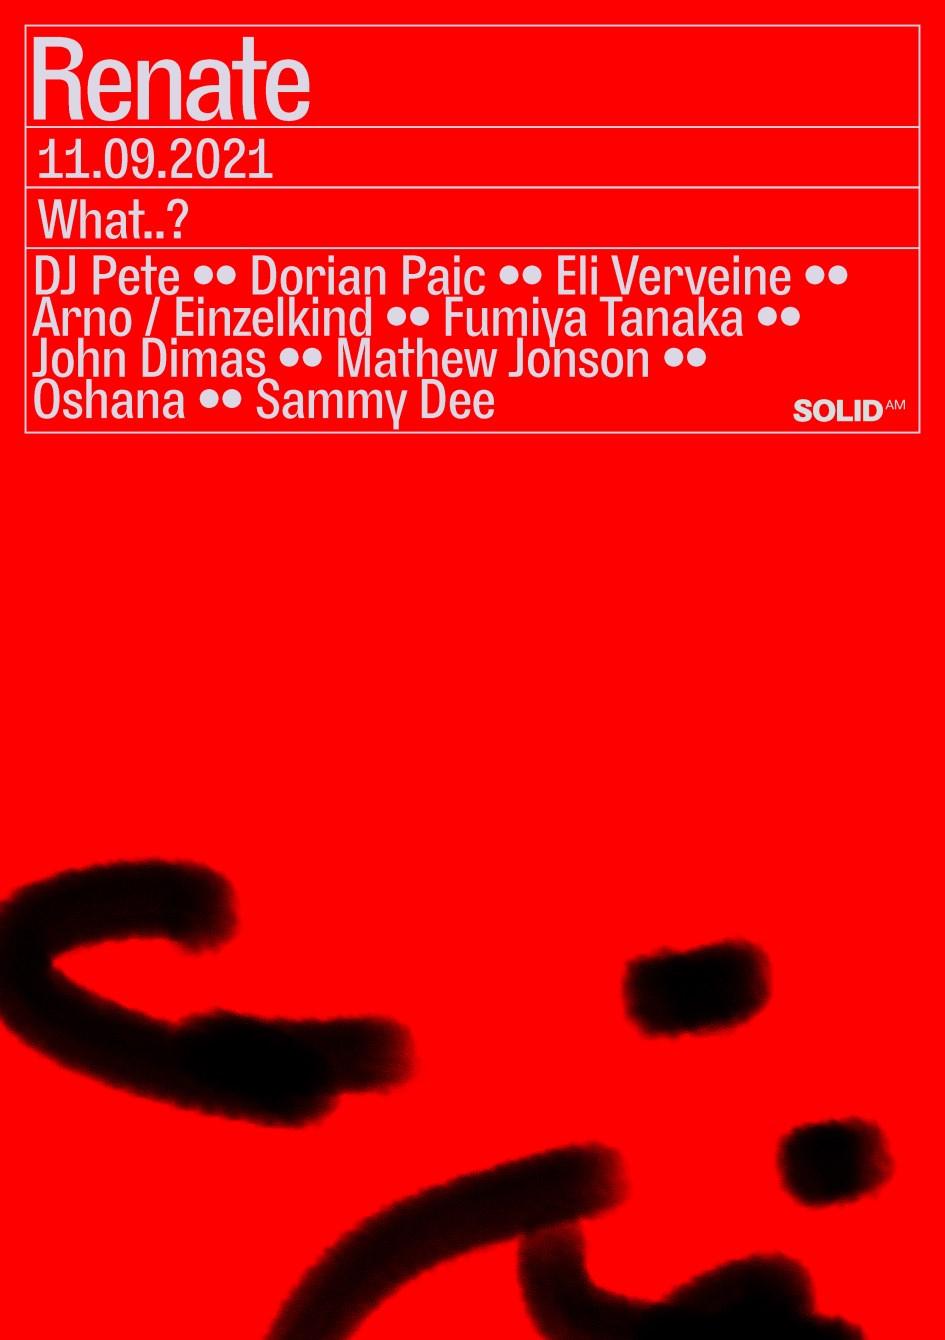 What..? with Mathew Jonson, Fumiya Tanaka & DJ Pete - Flyer front